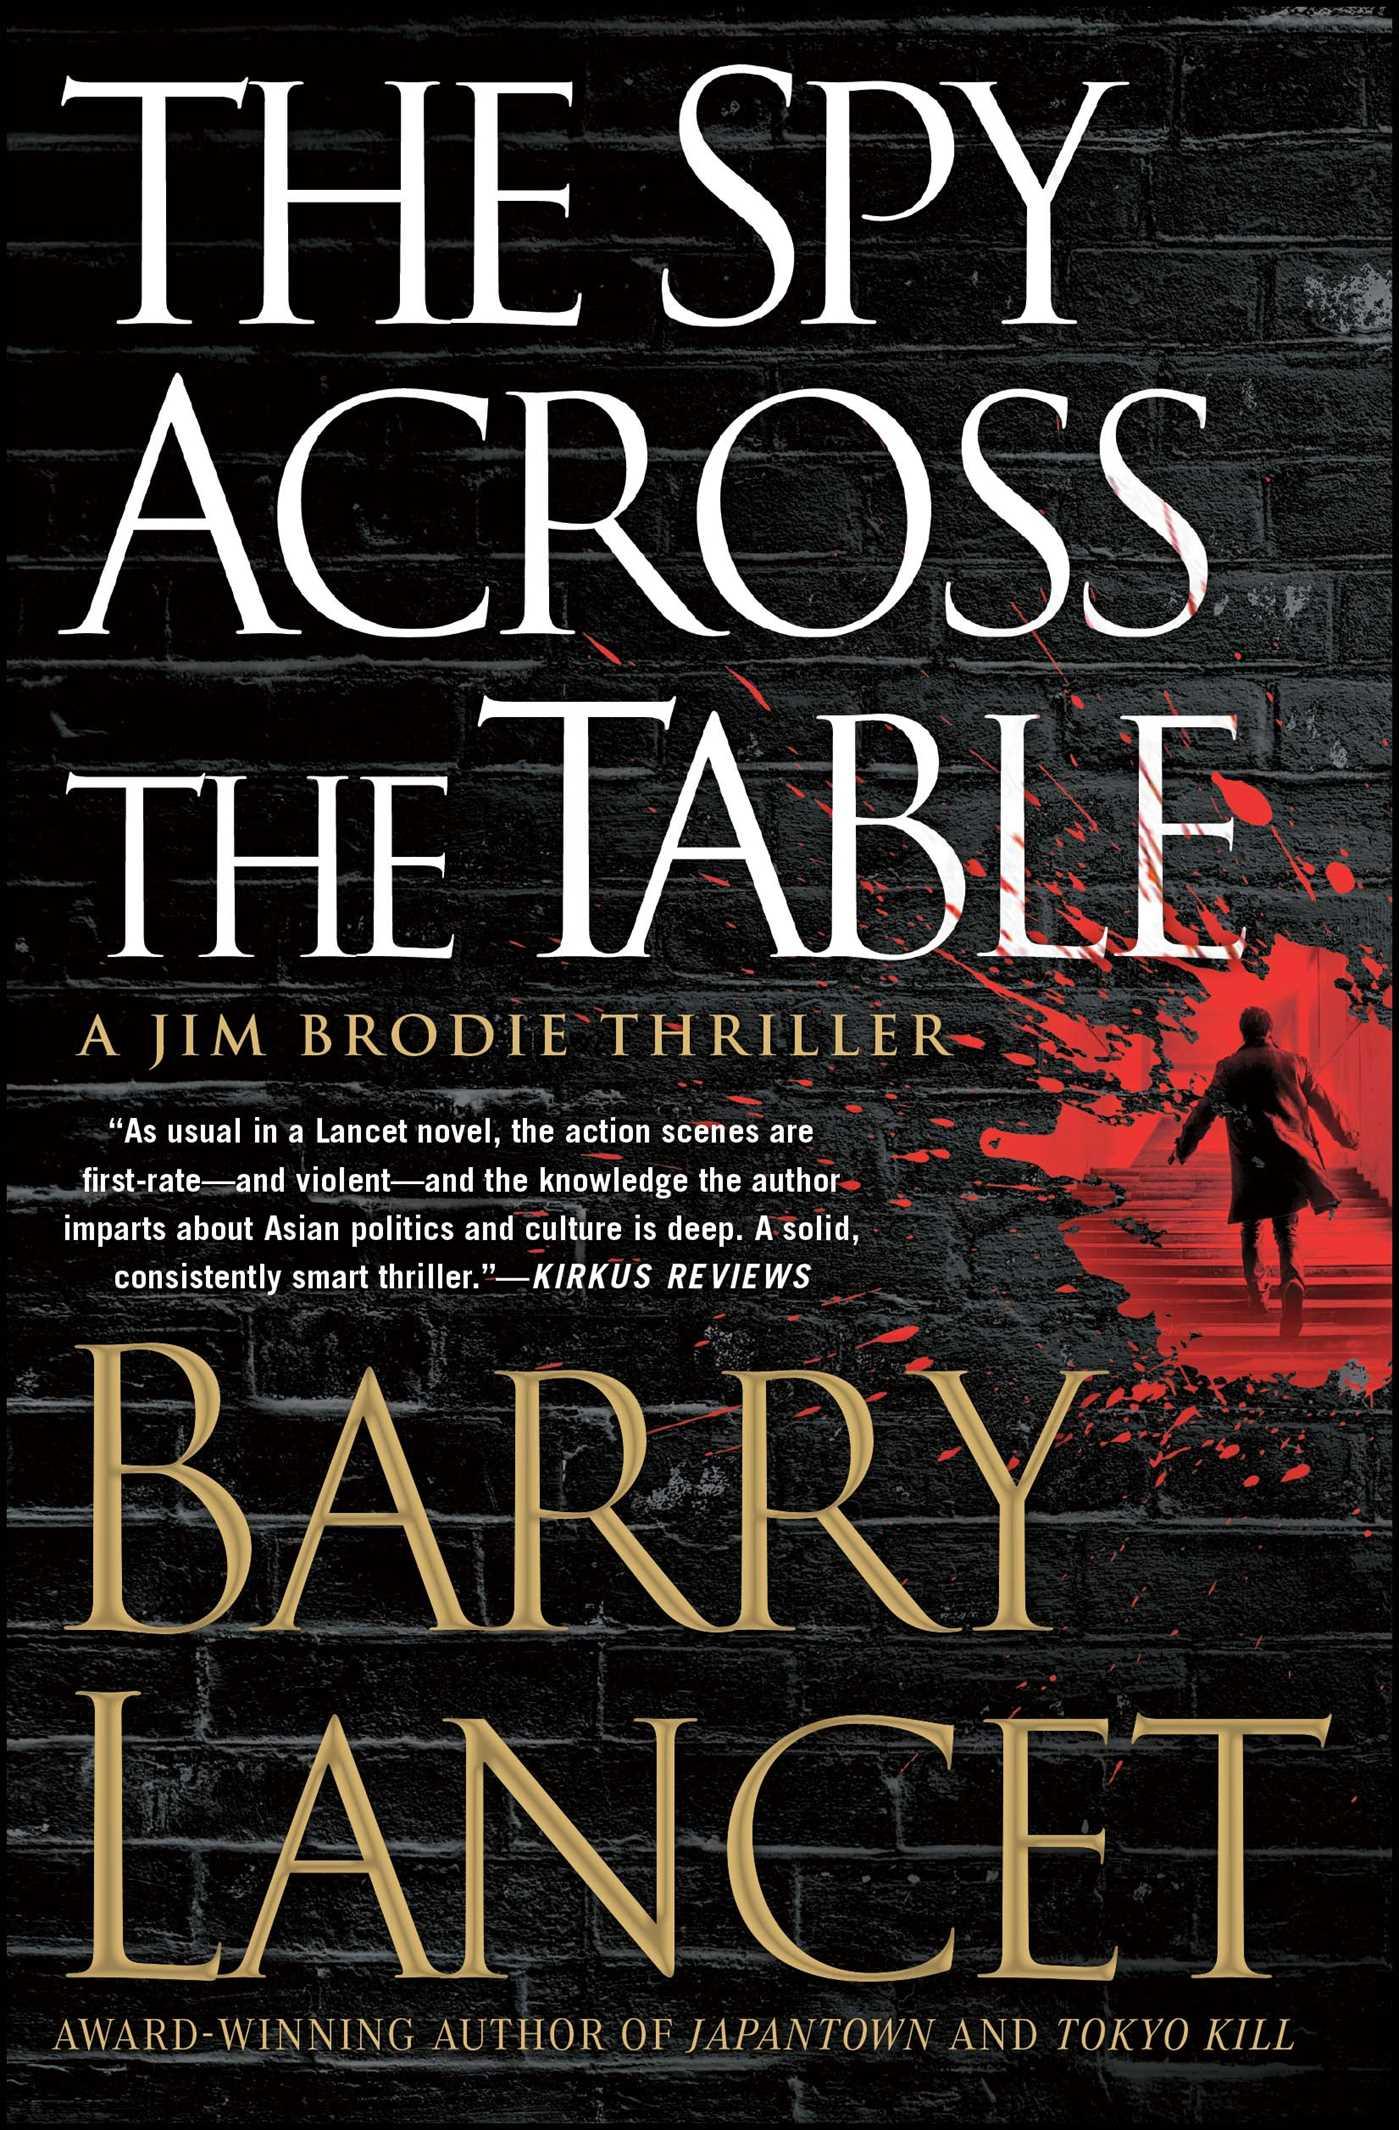 The spy across the table 9781476794921 hr